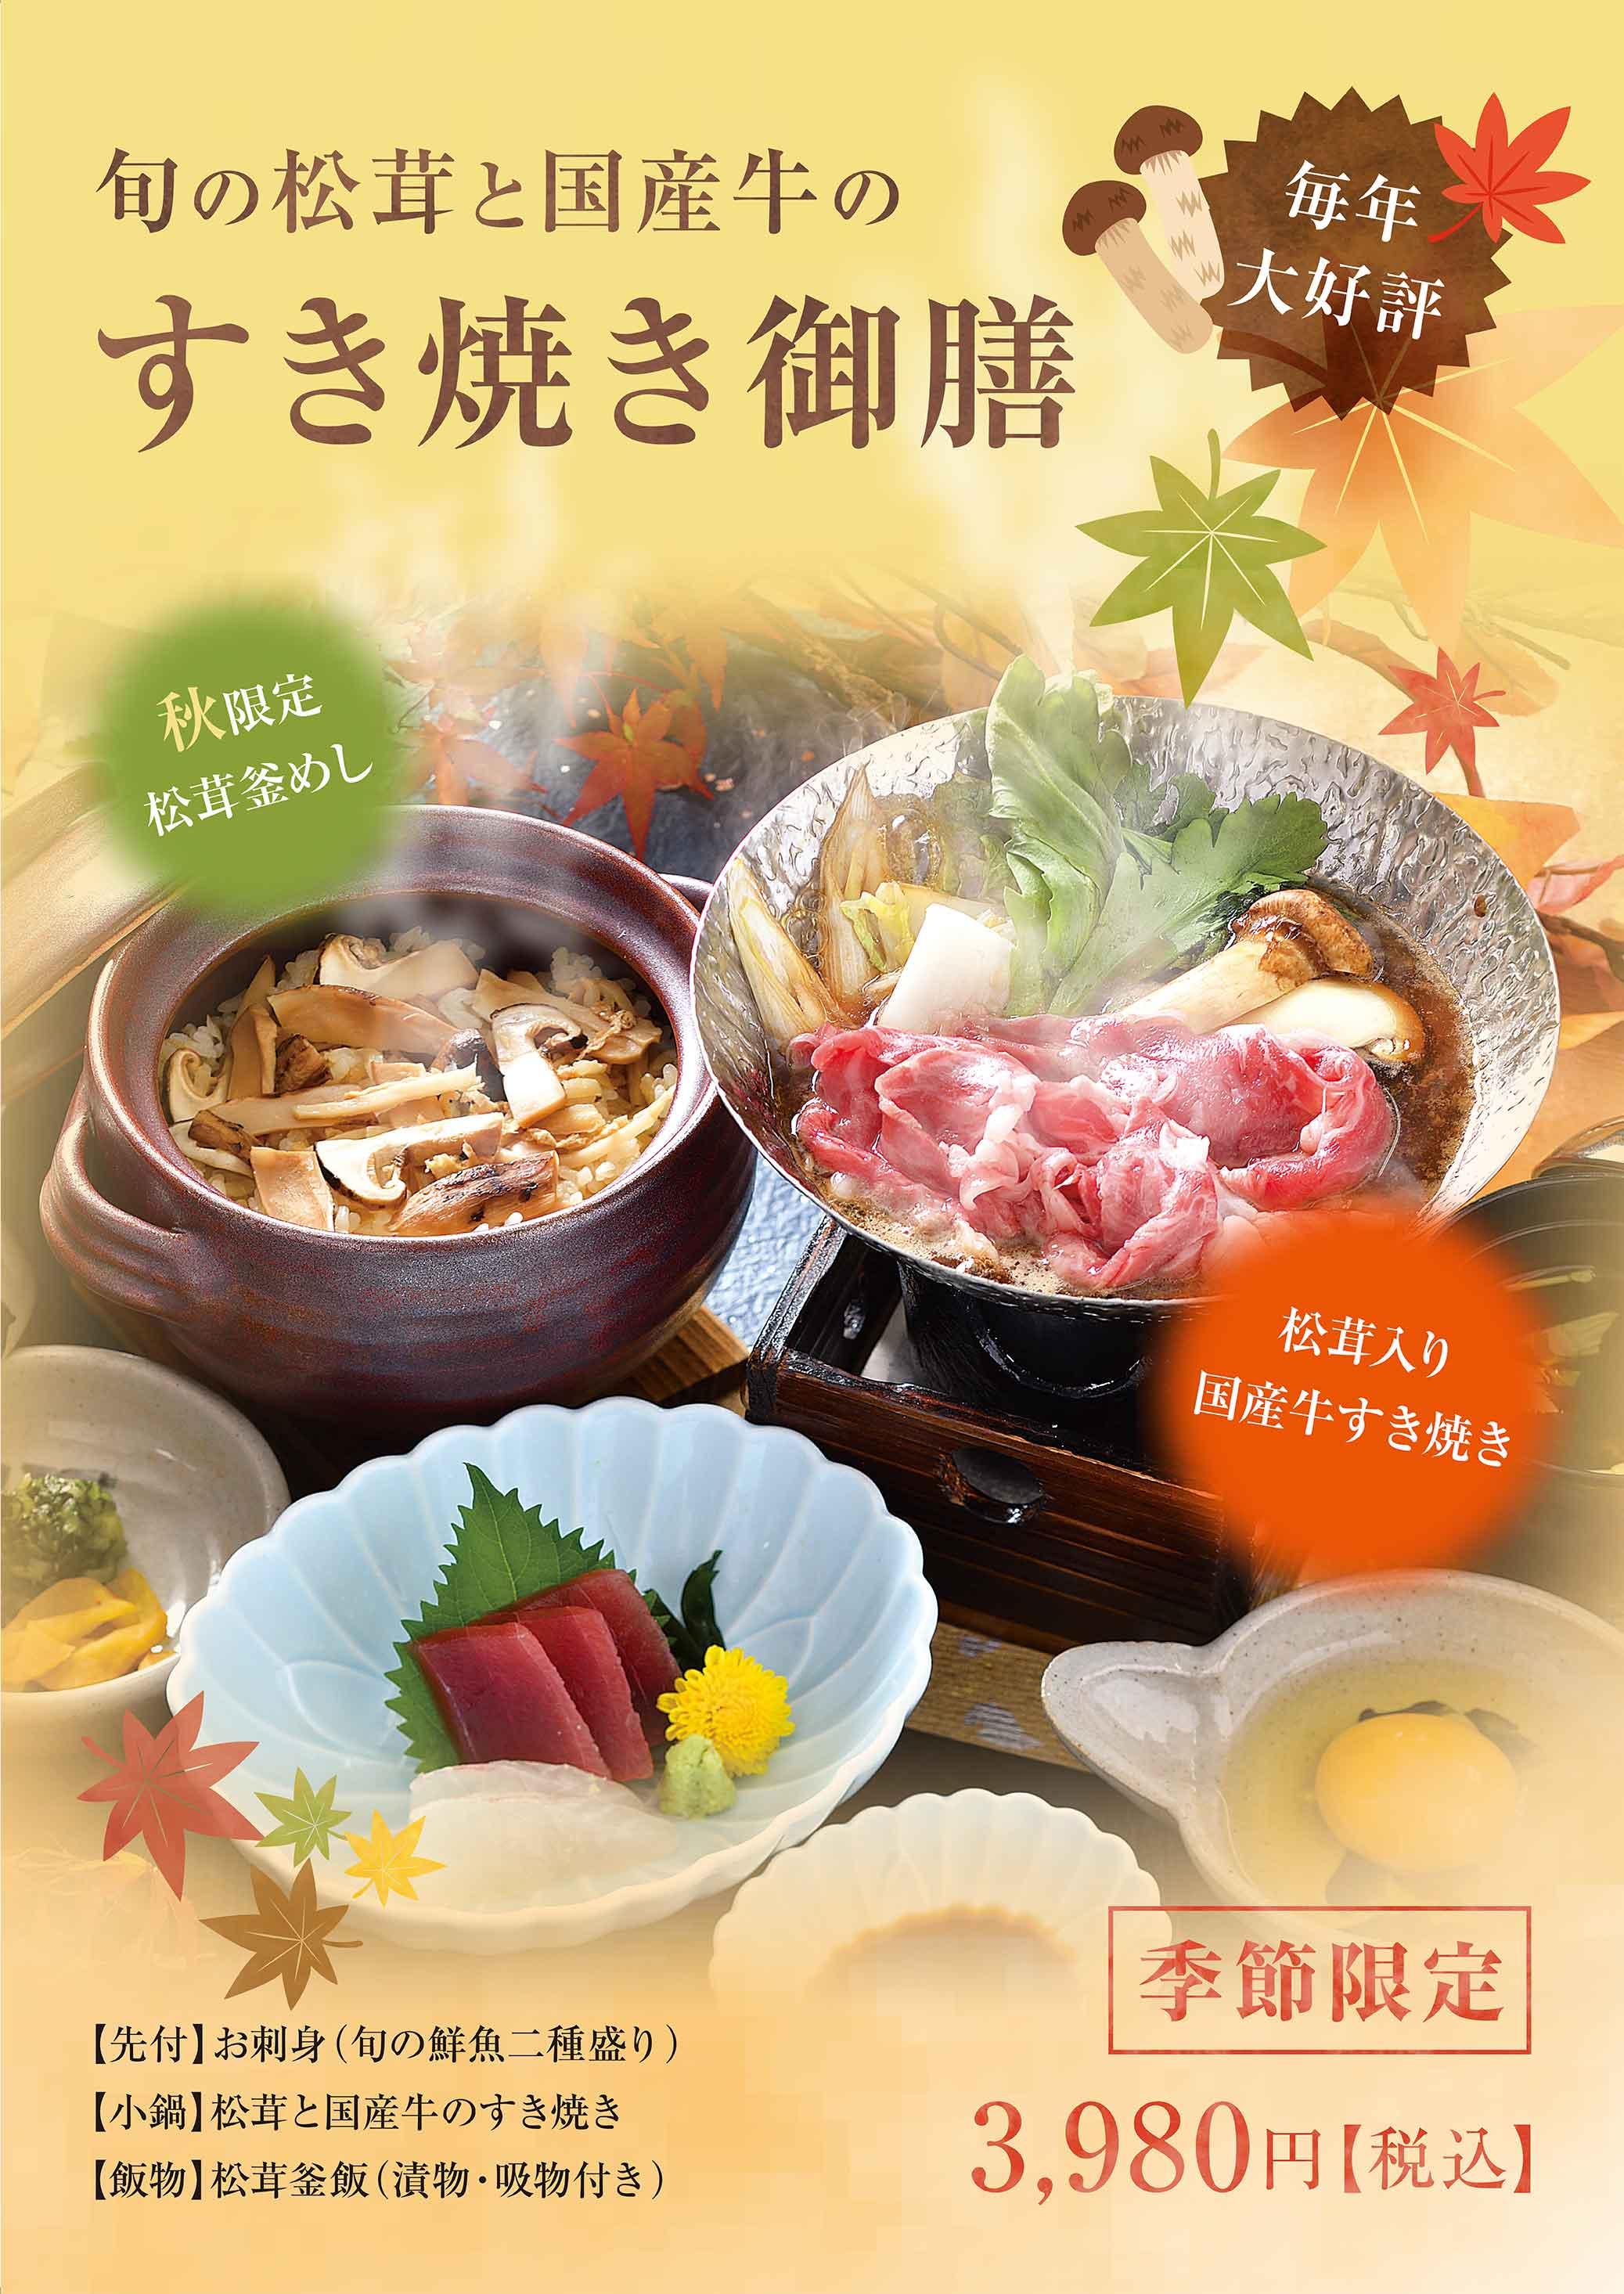 【ekie店】9/1〜『旬の松茸とすき焼き御膳』〈期間限定〉